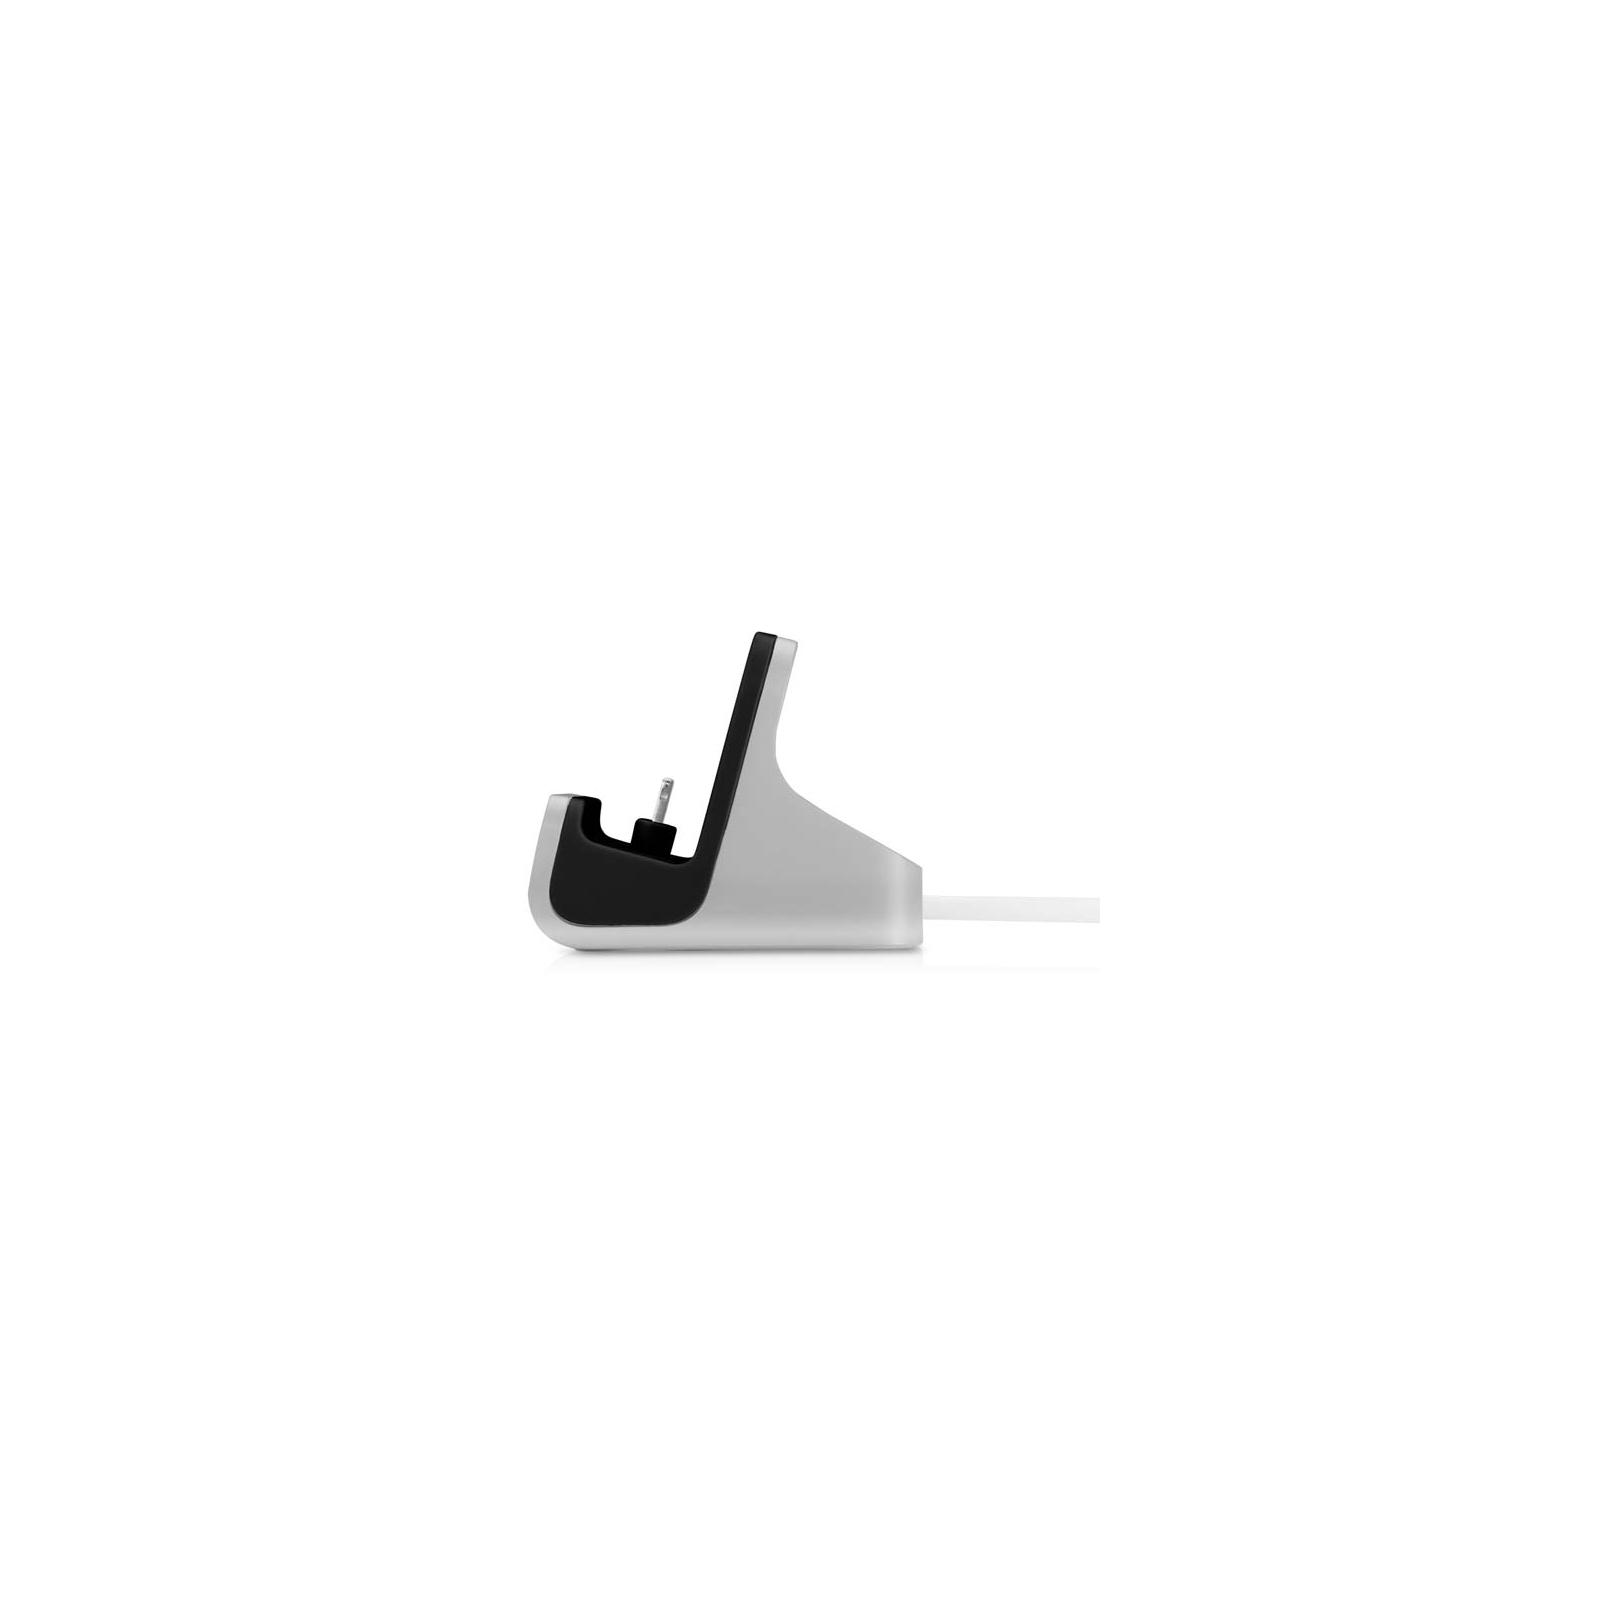 Док-станция Belkin Charge+Sync MIXIT iPhone 5 Dock (F8J045bt) изображение 4